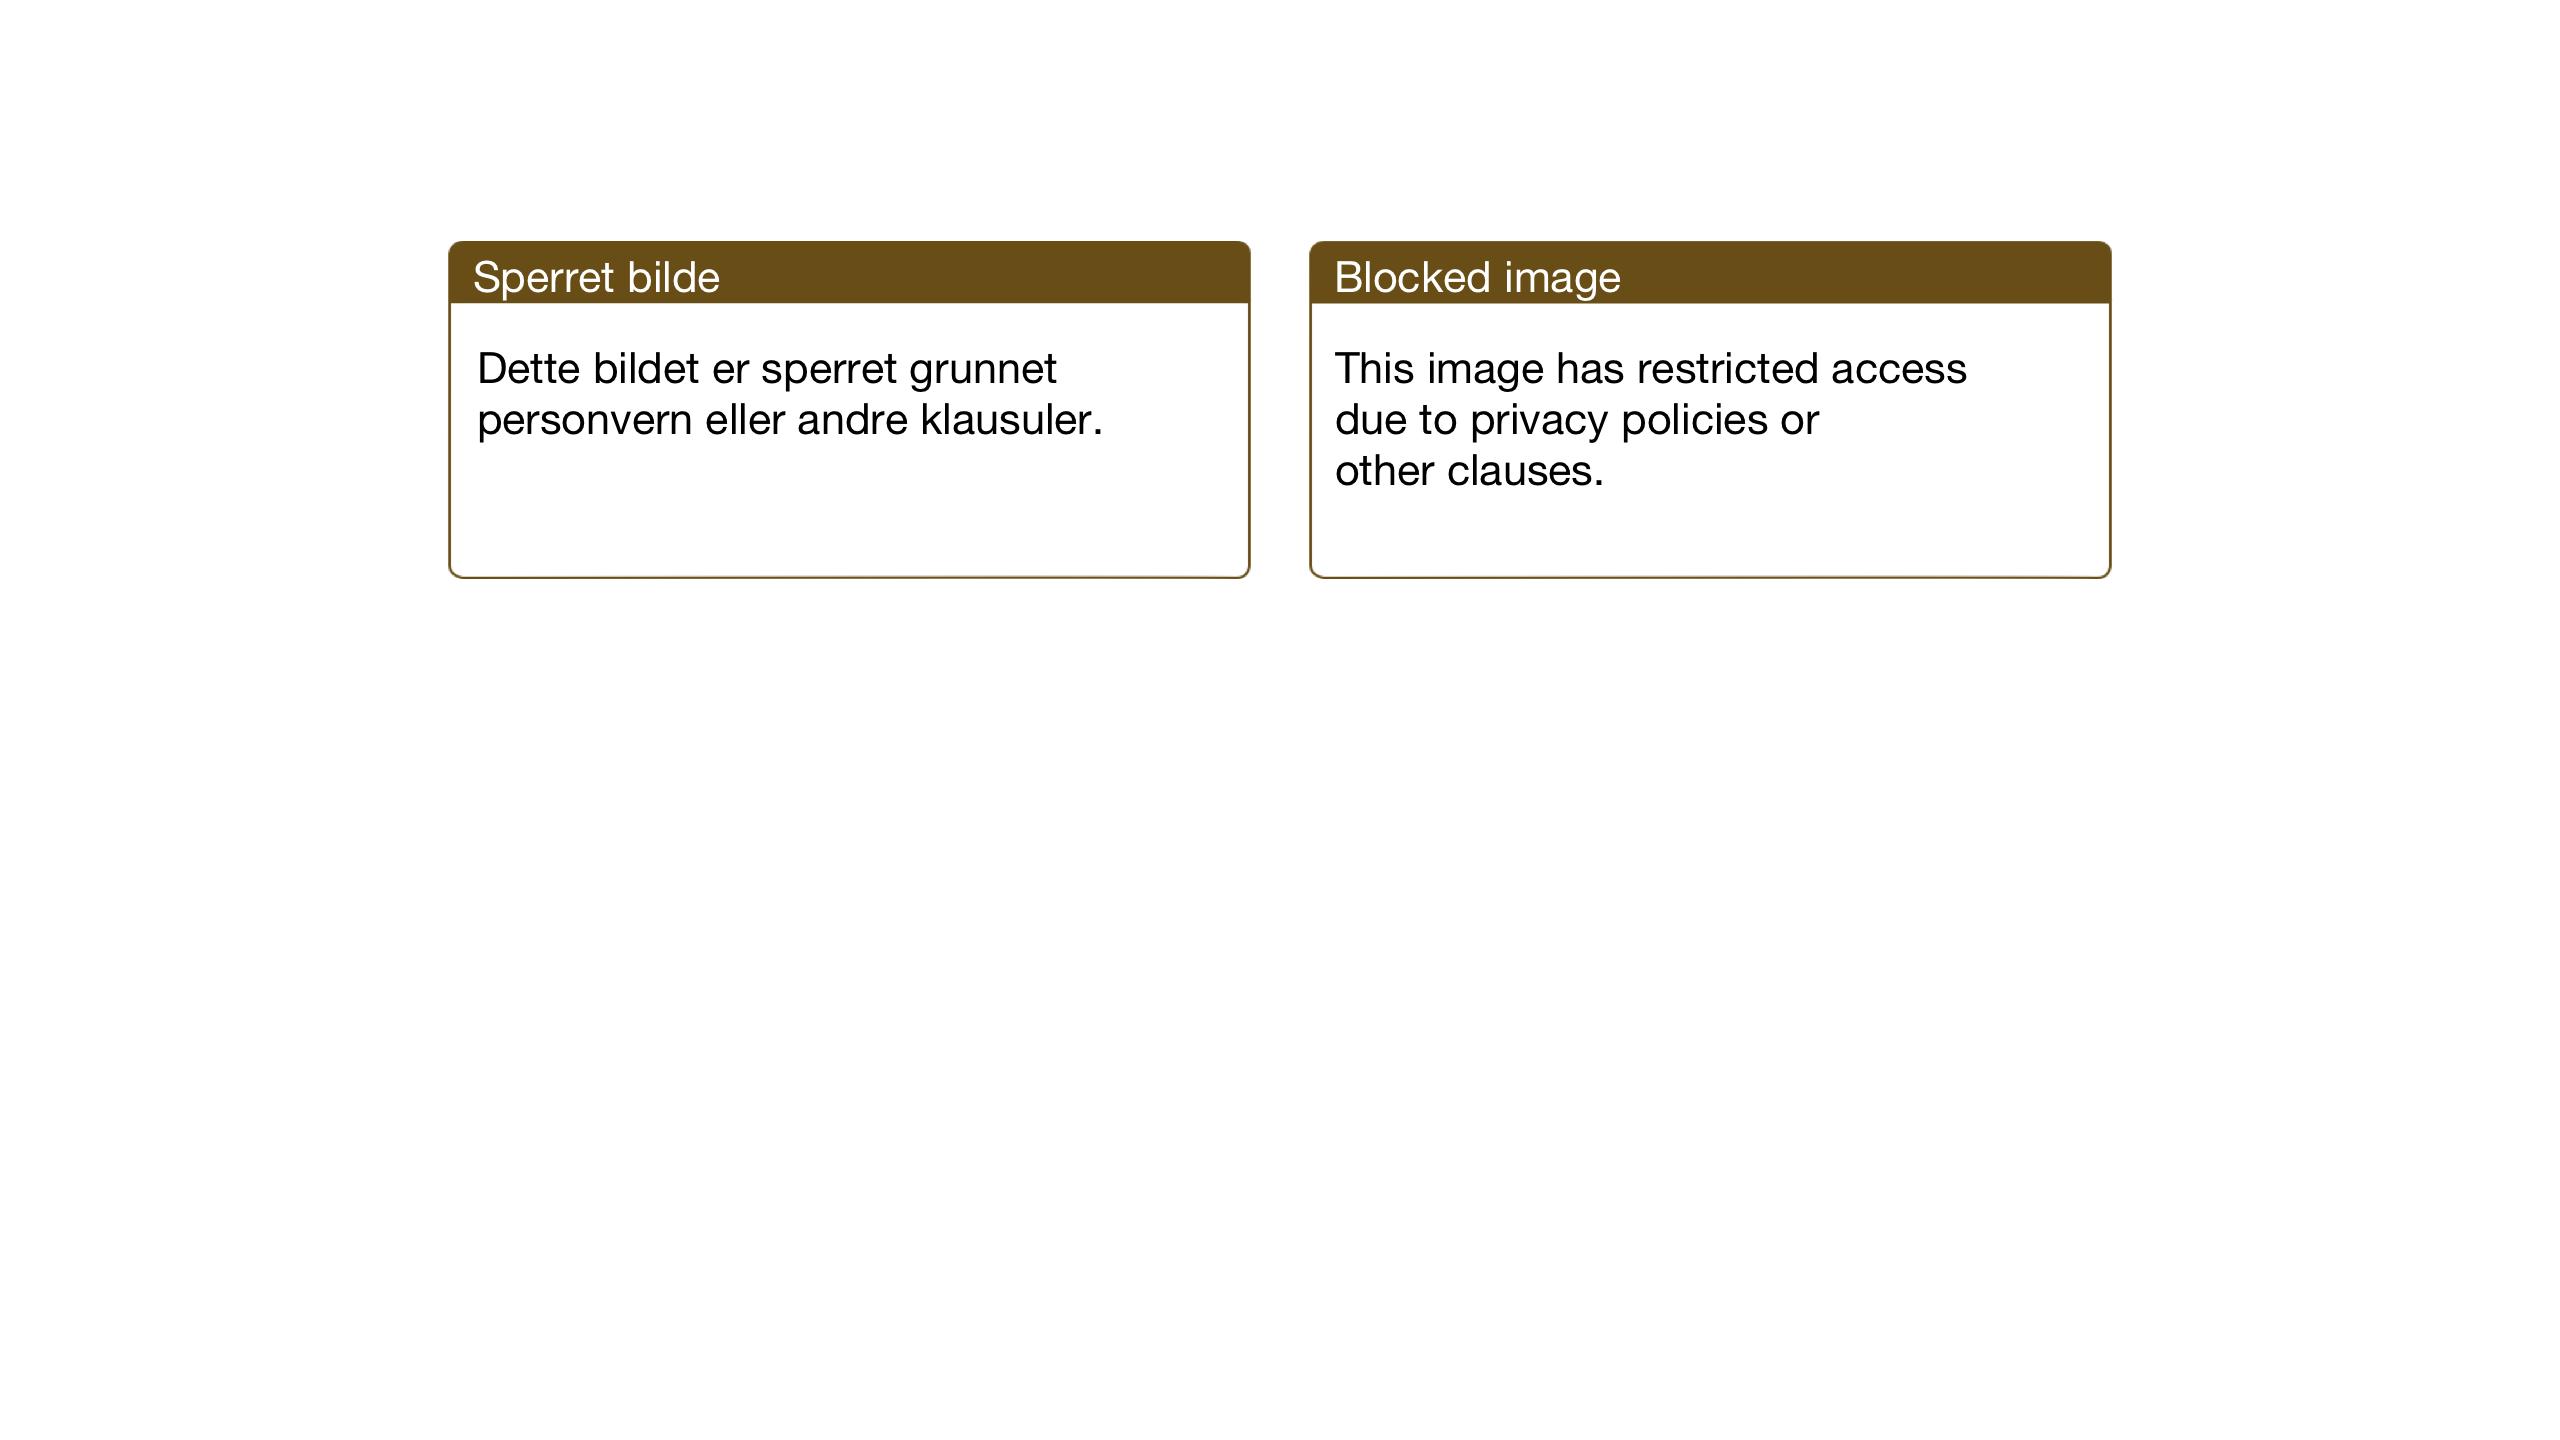 SAT, Ministerialprotokoller, klokkerbøker og fødselsregistre - Nord-Trøndelag, 714/L0136: Klokkerbok nr. 714C05, 1918-1957, s. 79